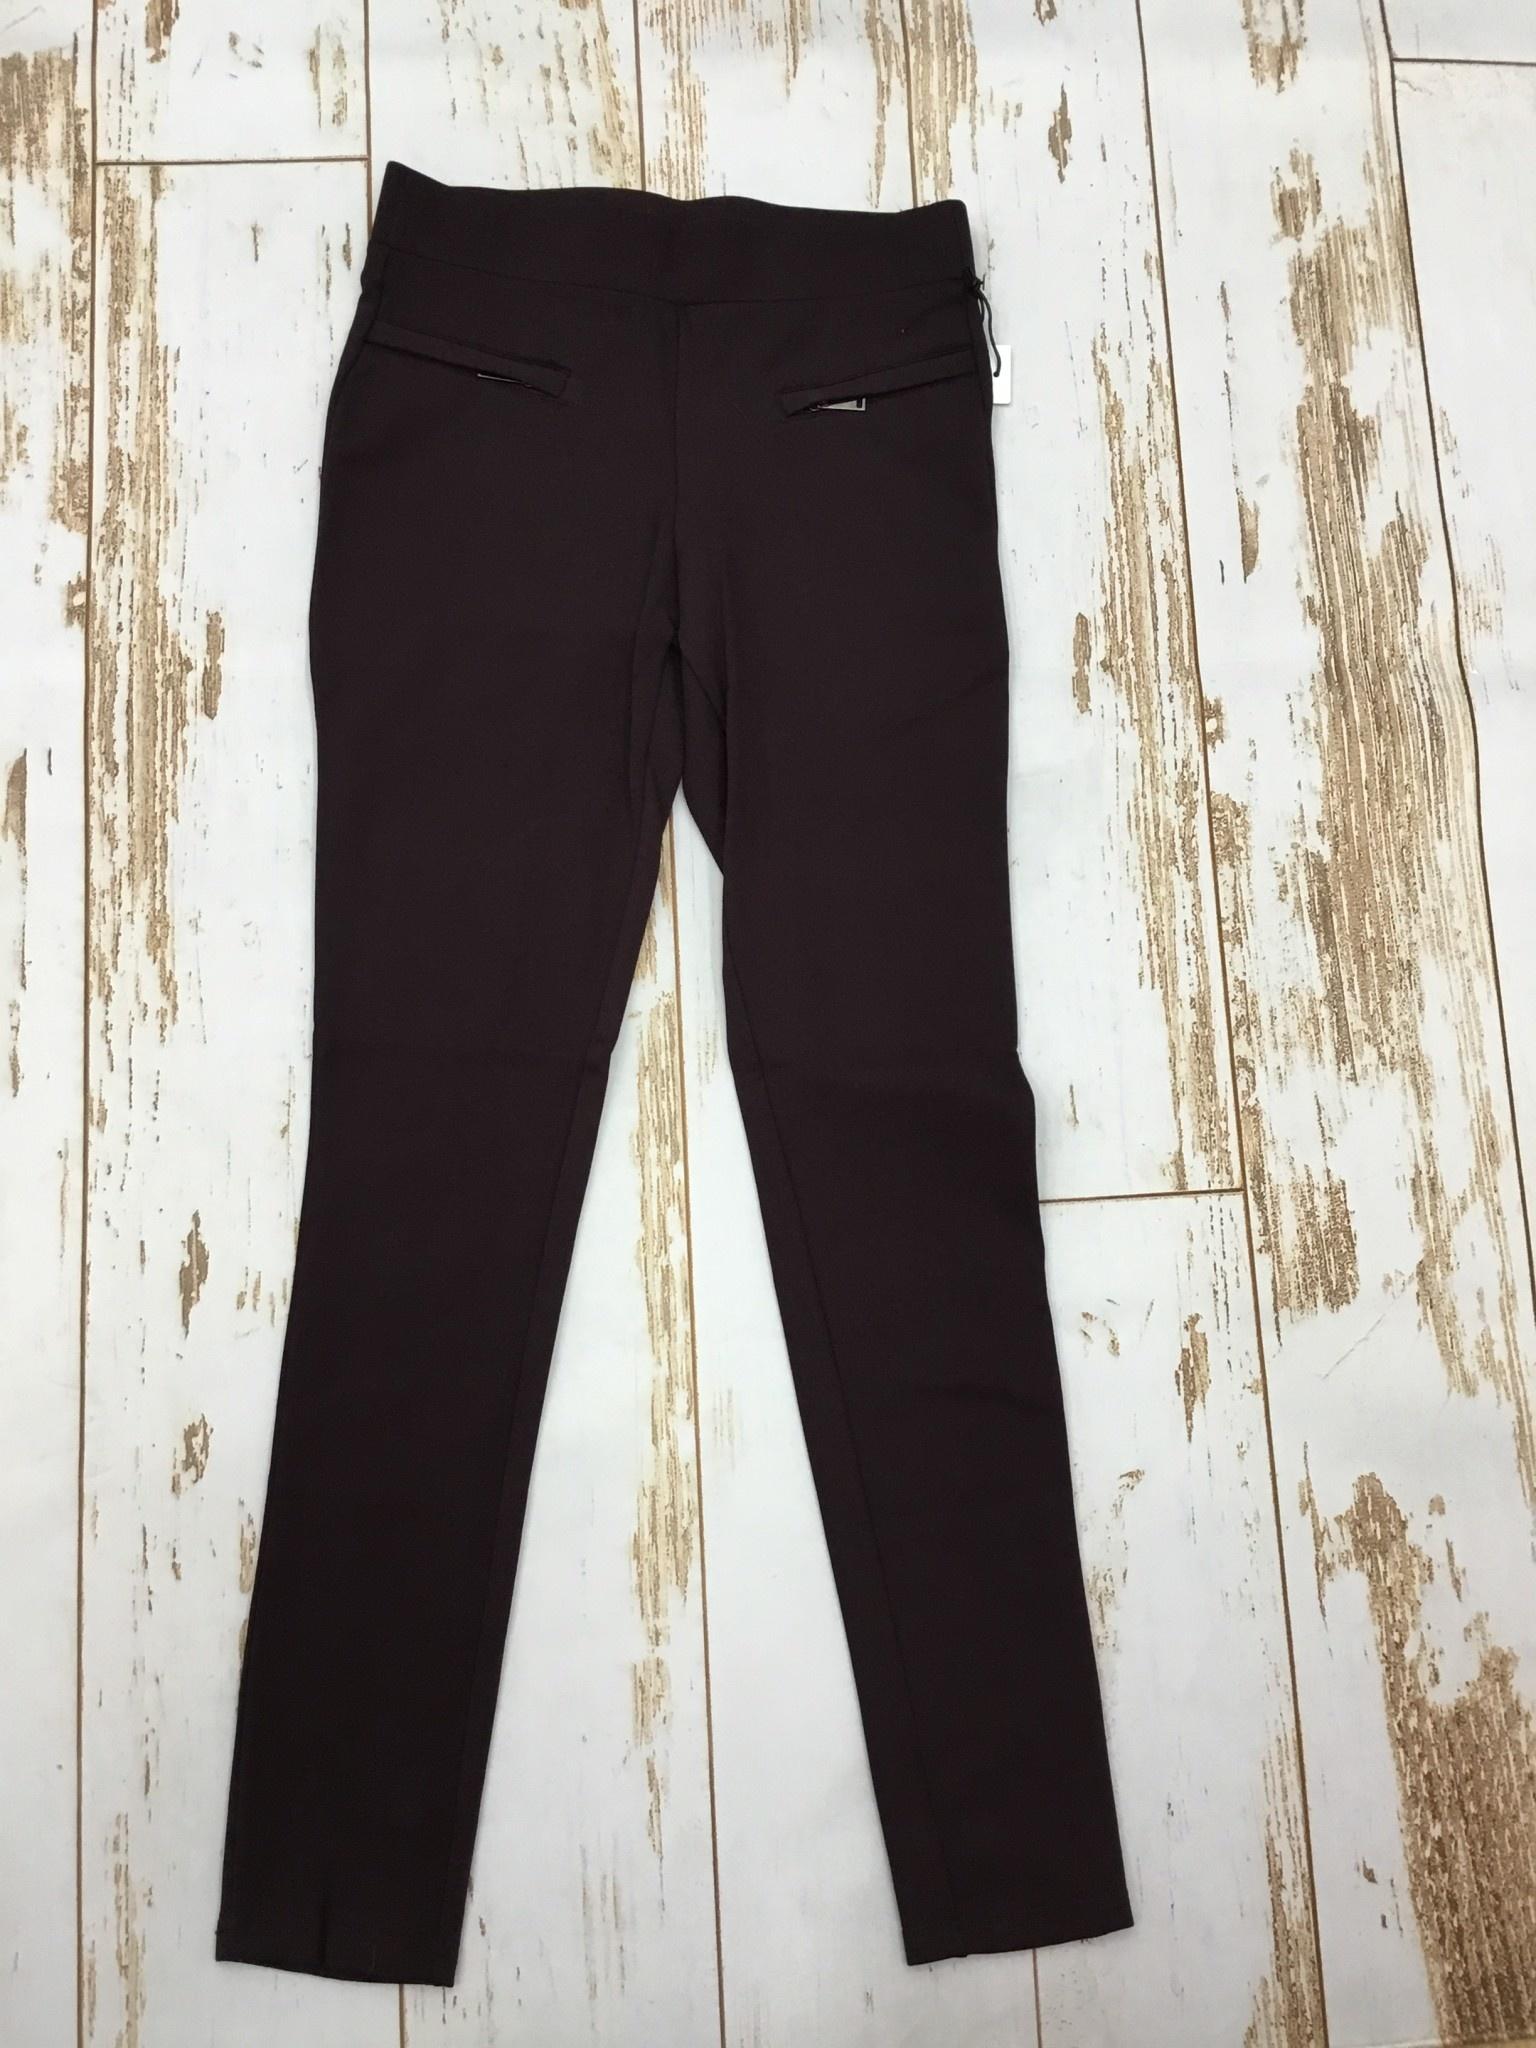 Dex High Waist Zip Detail Legging in Rich Burgundy